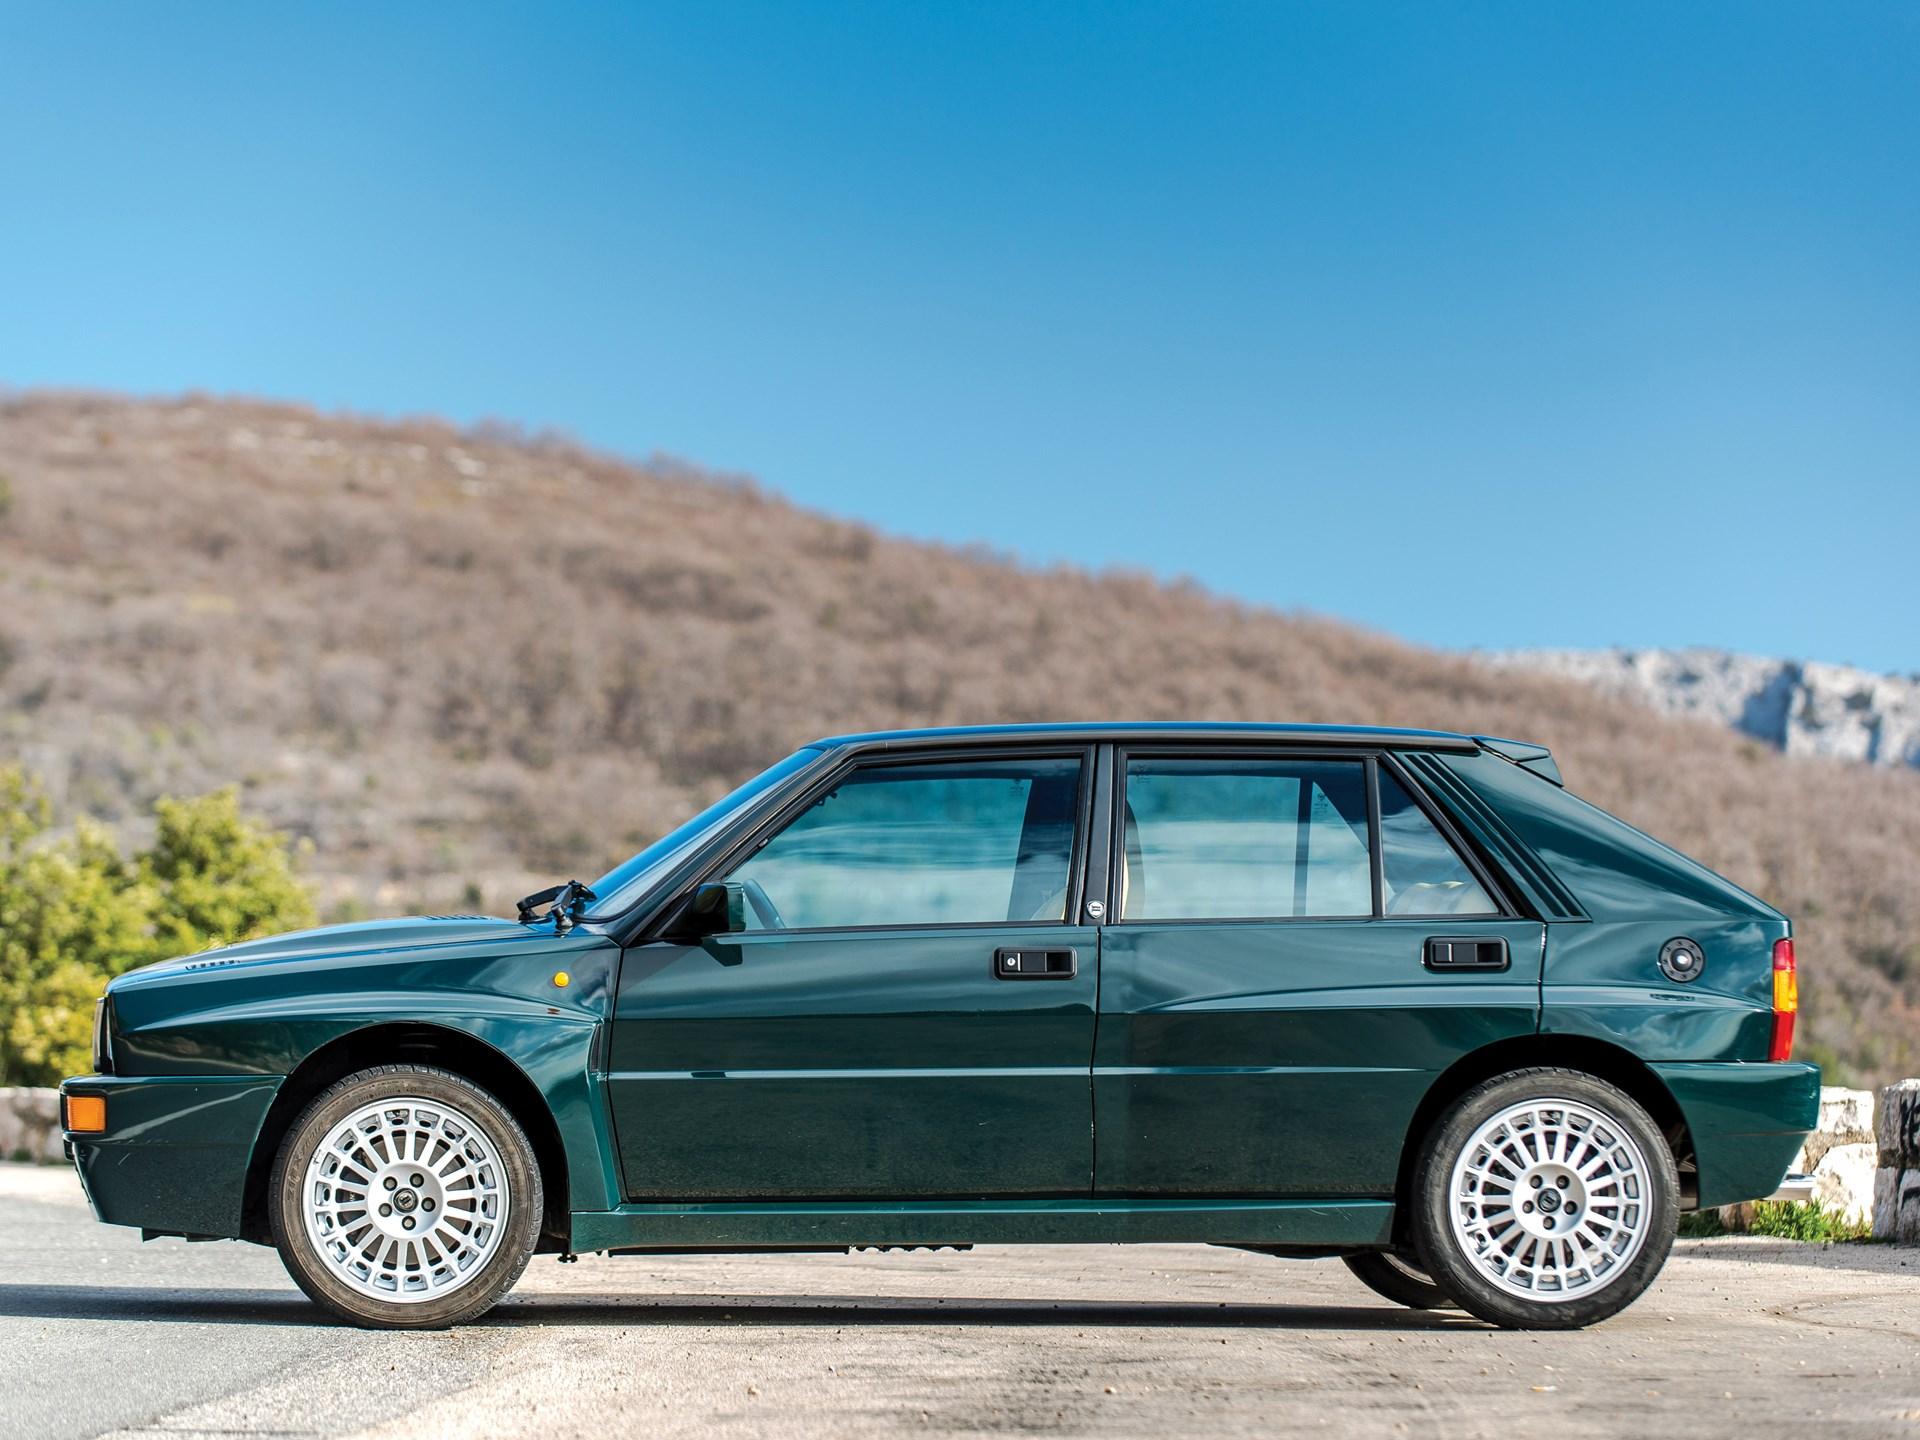 1992 Lancia Delta HF Integrale Evoluzione 'Verde York'